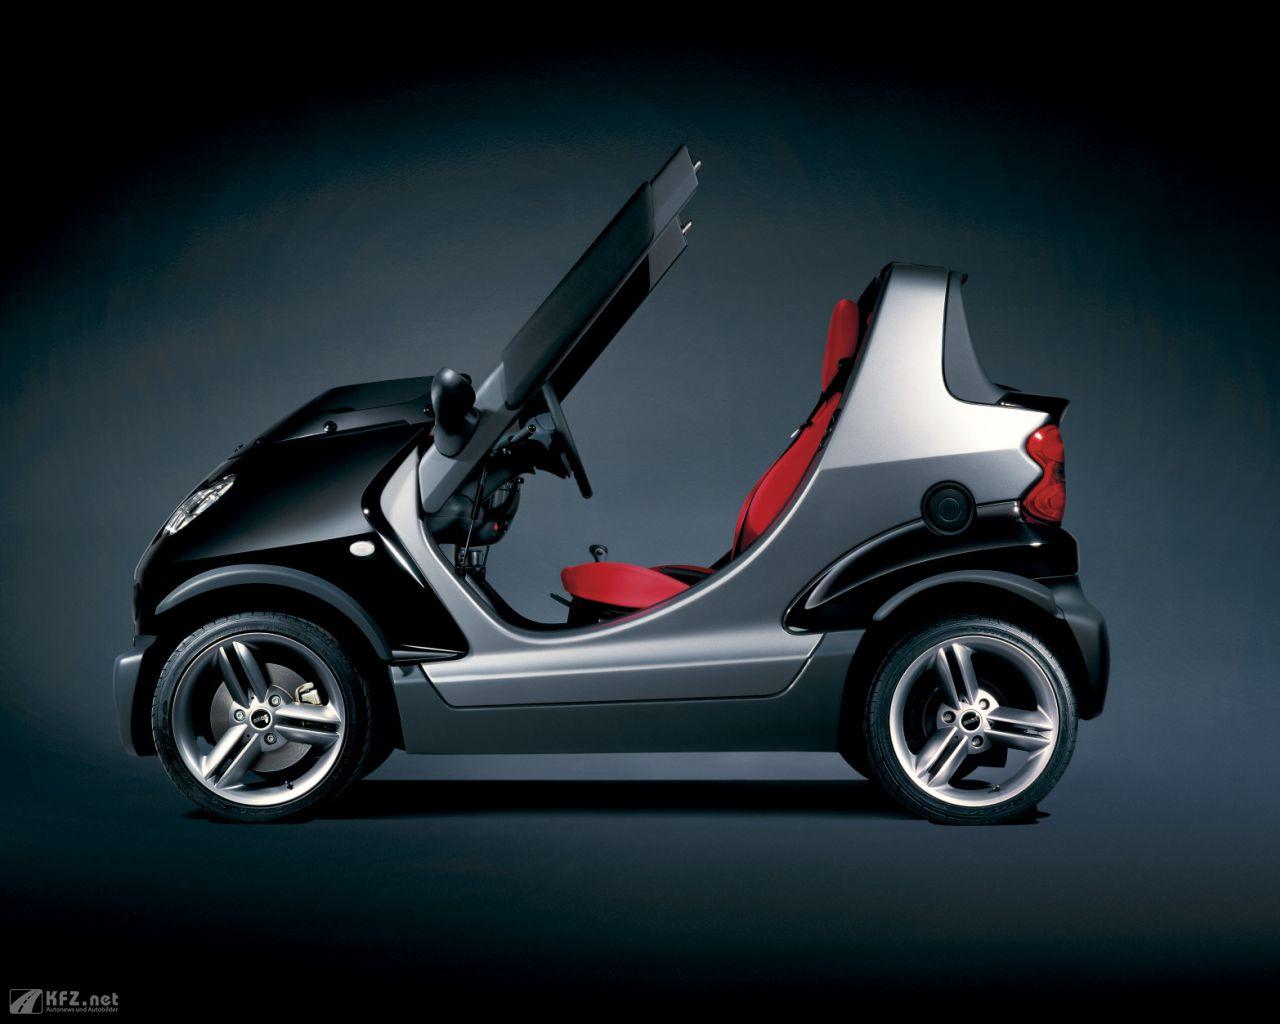 smart-crossblade-1280x1024-1